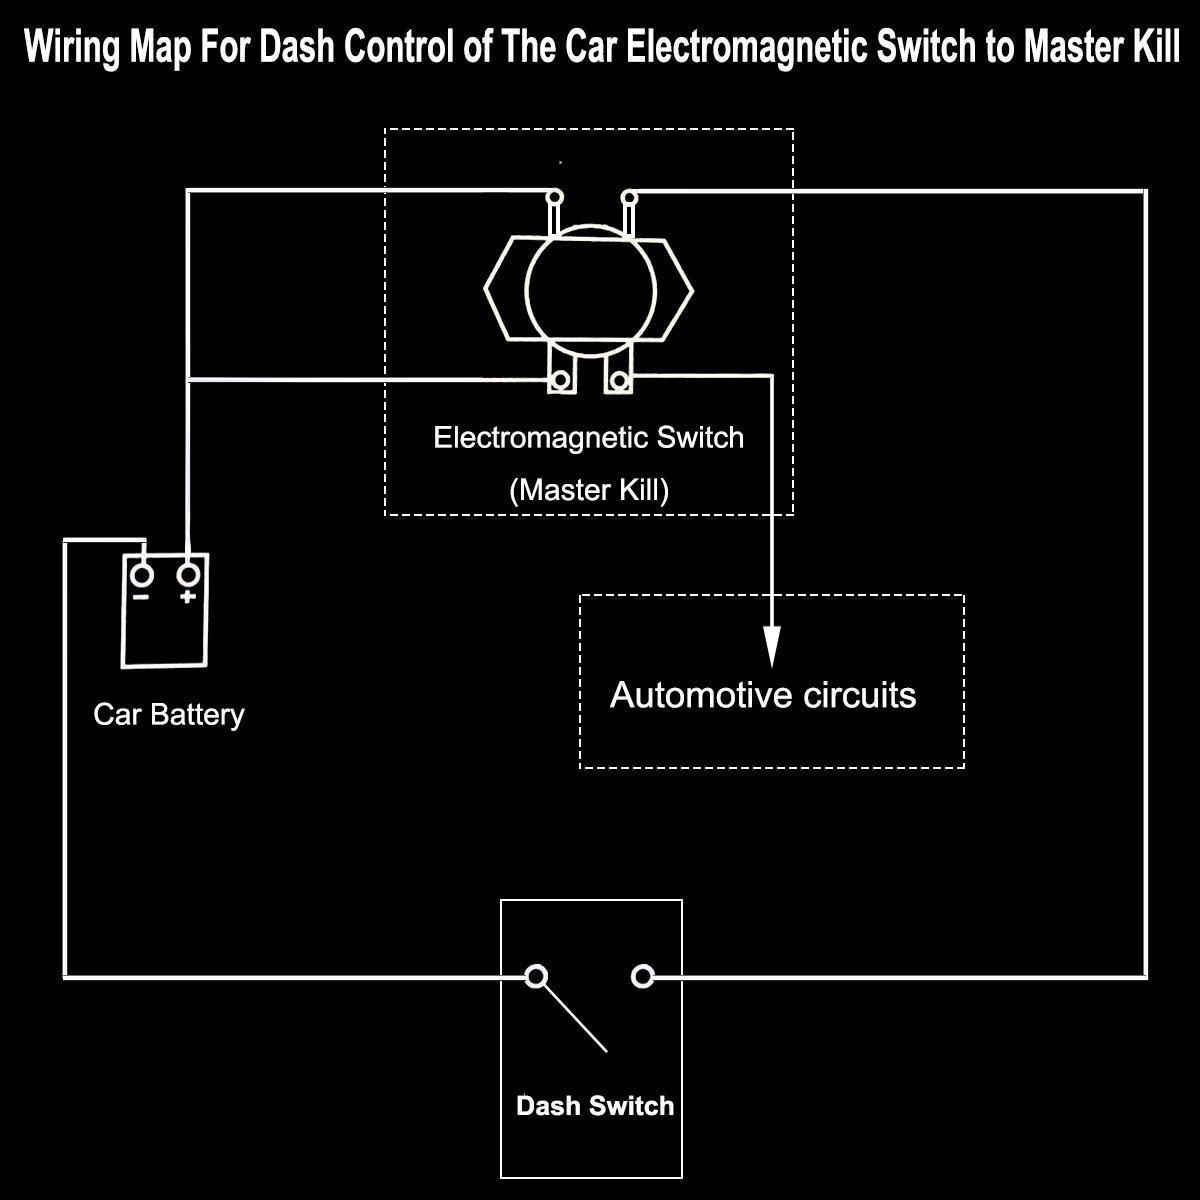 12V batterie terminal isolateur t/él/écommande contr/ôle connexion interrupteur voiture auto antivol /électromagn/étique sol/éno/ïde commutateur relais de verrouillage